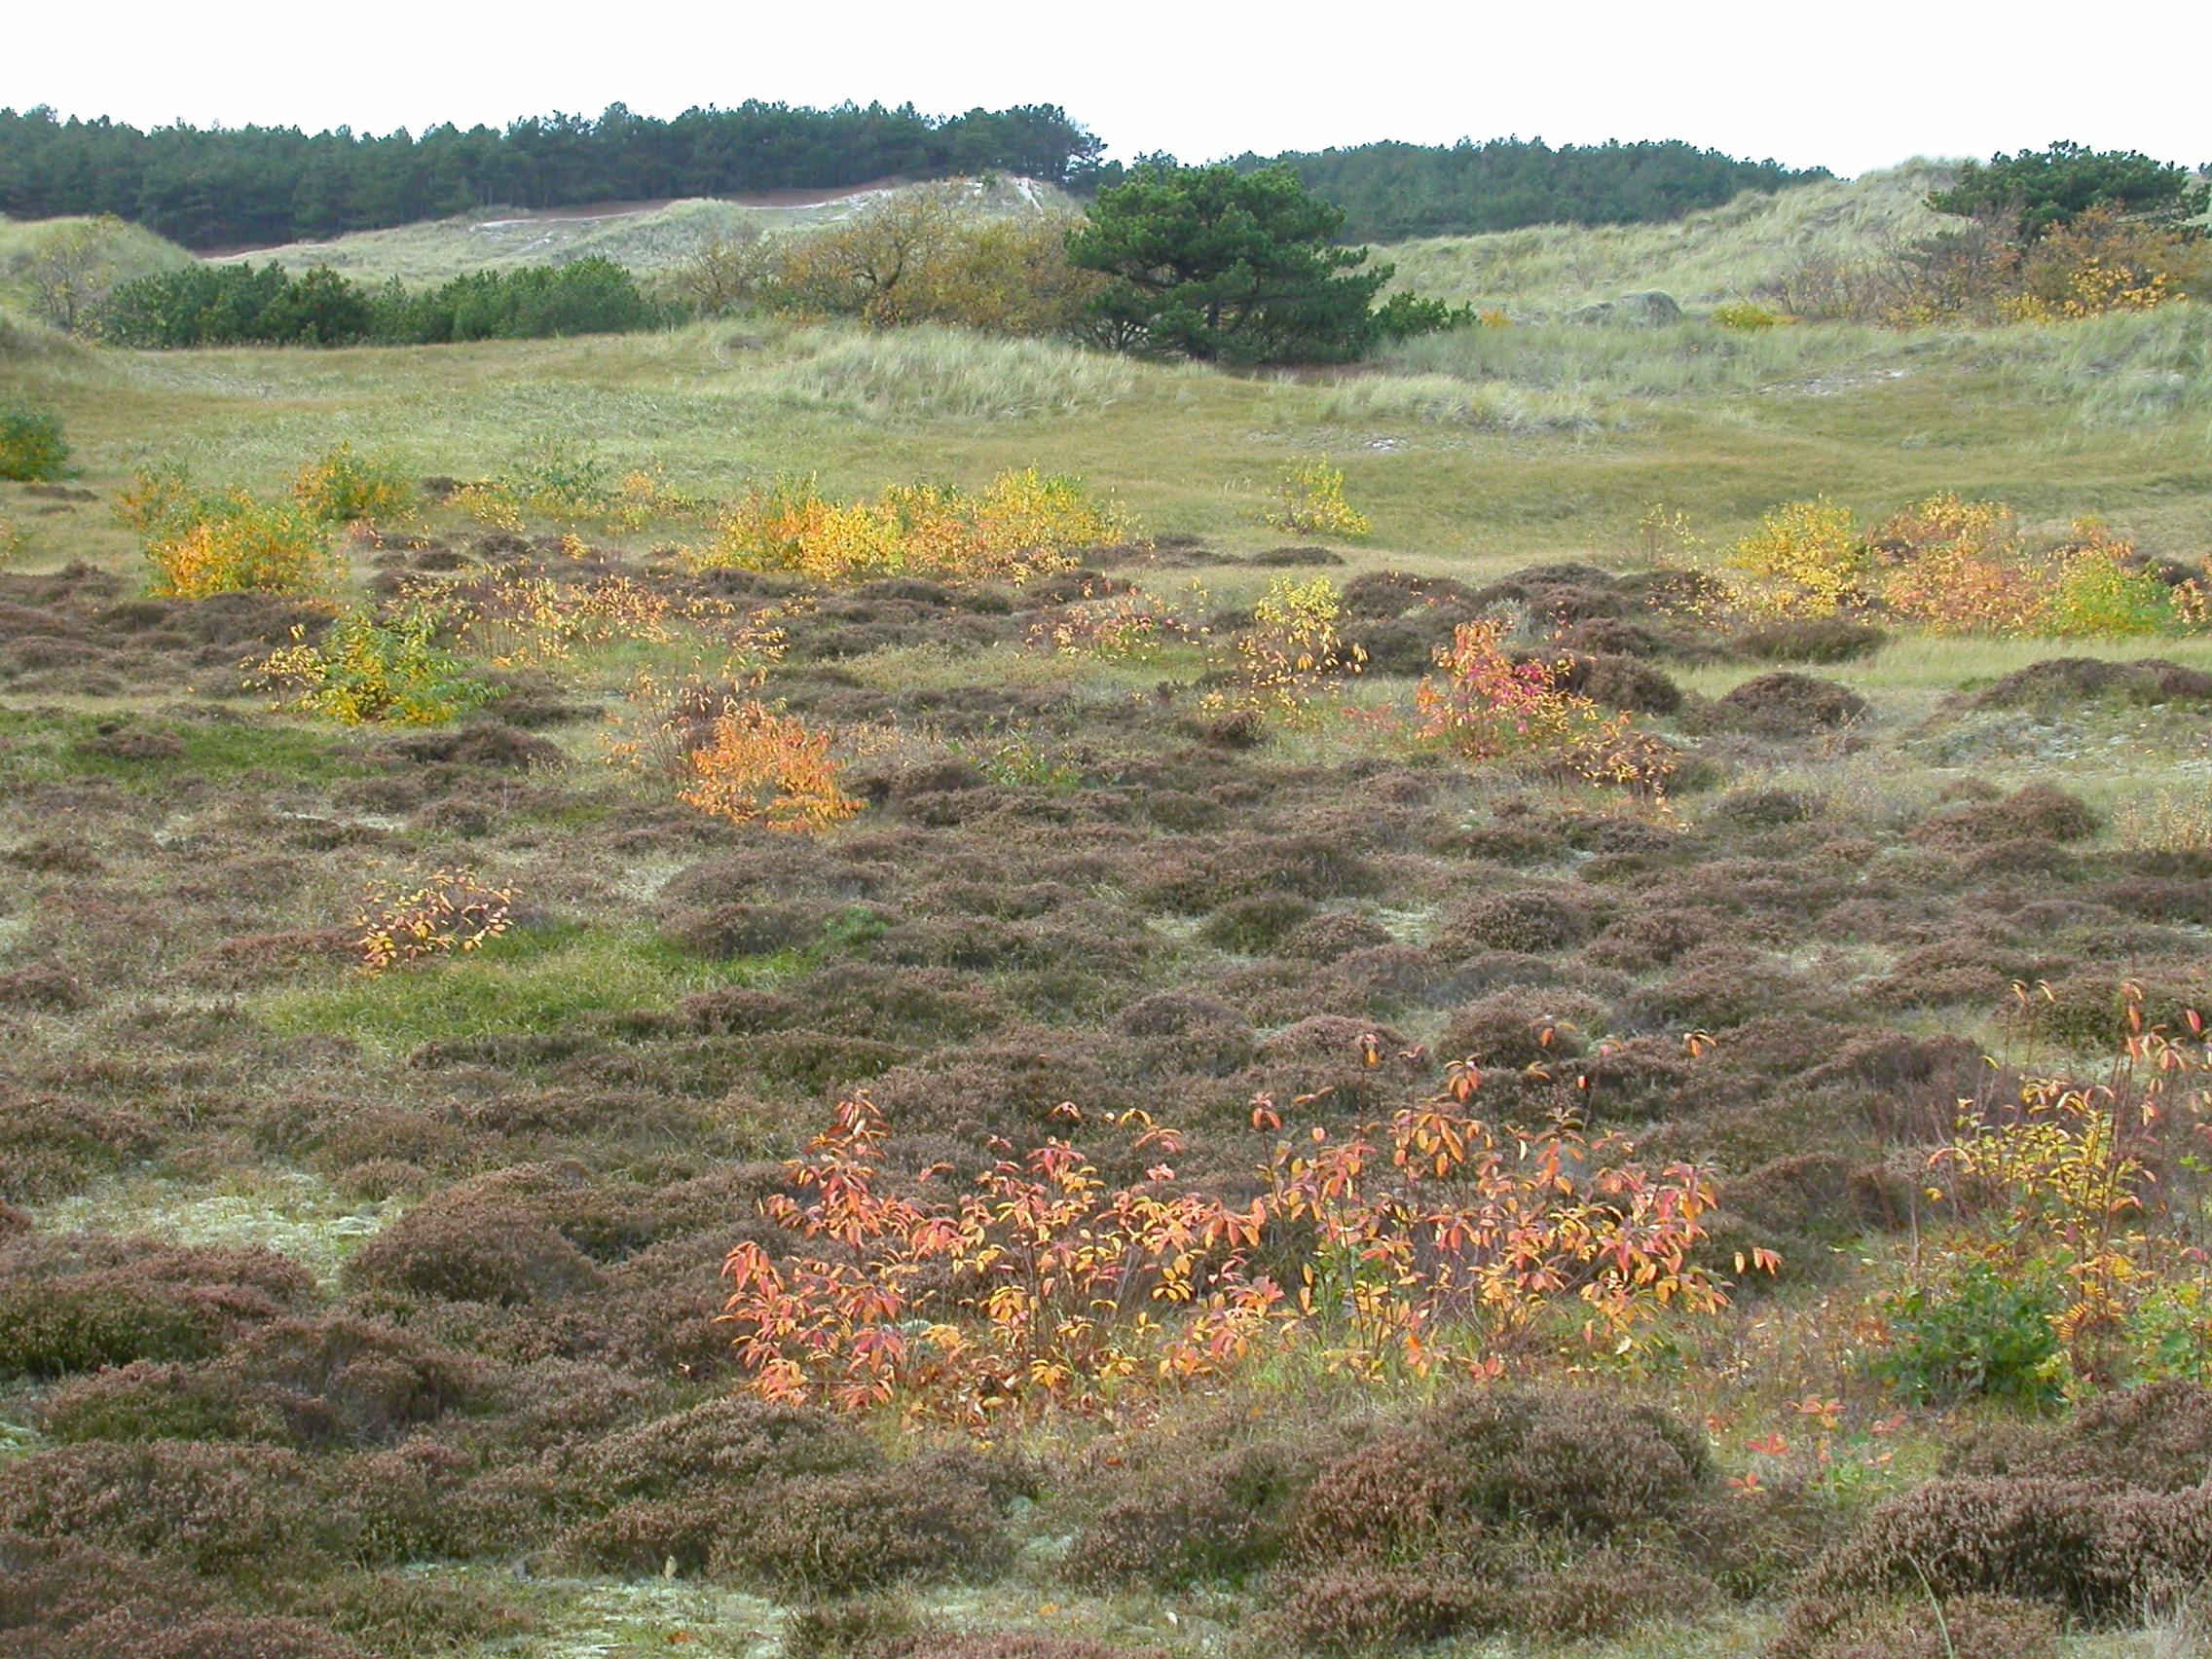 paul field rolling dune dunes grass autumn fall brown green